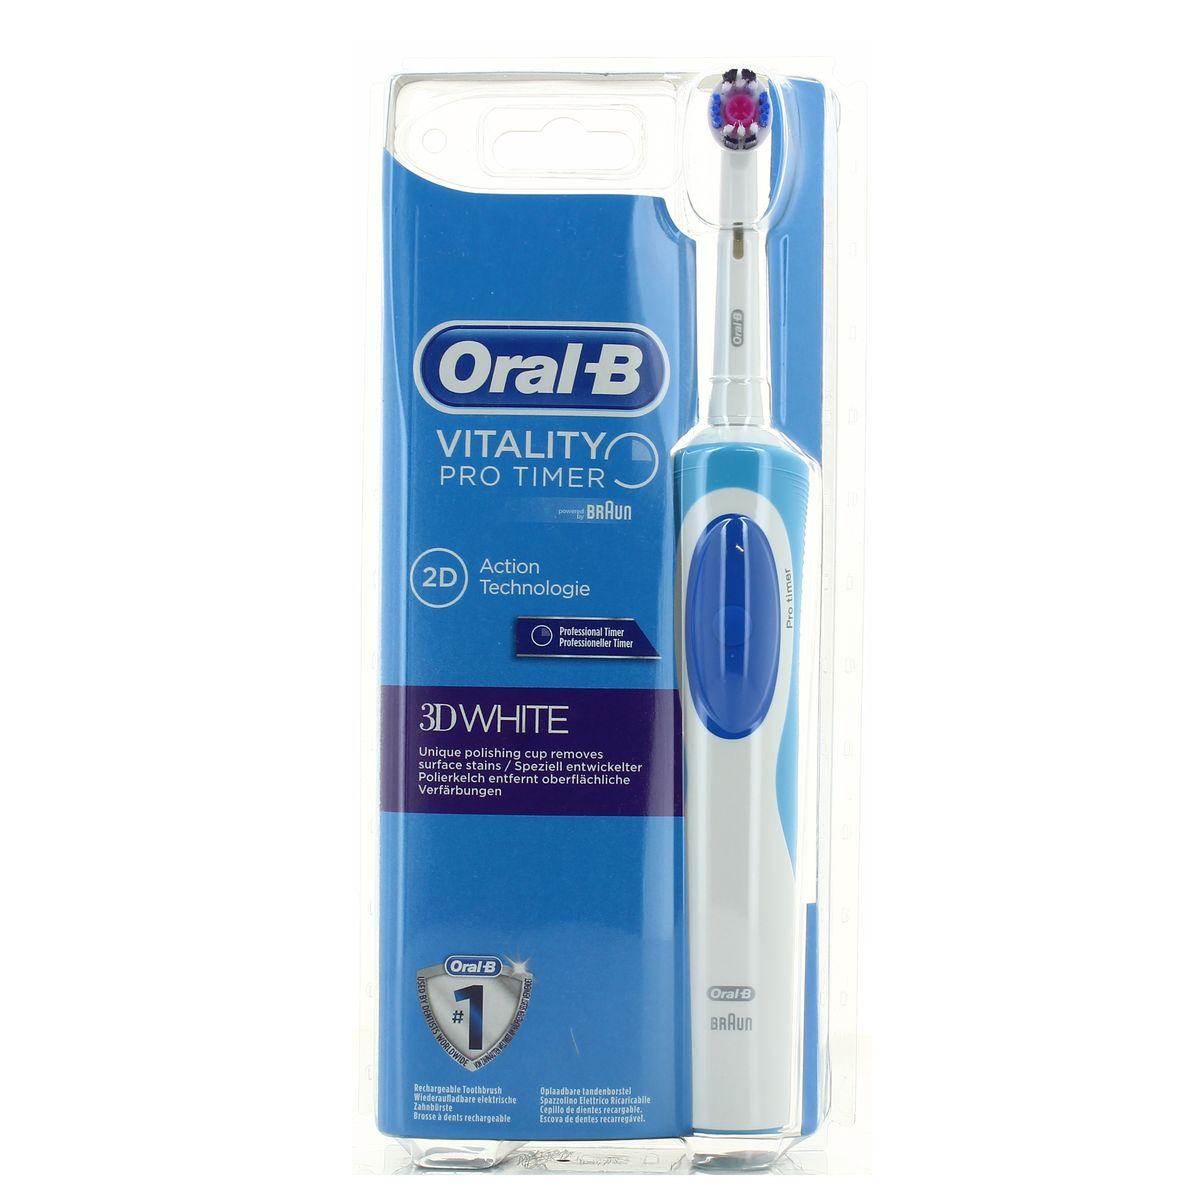 Oral B - Braun Brosse à dents électrique 3D White, 1 pièce   houra.fr e16a04183865